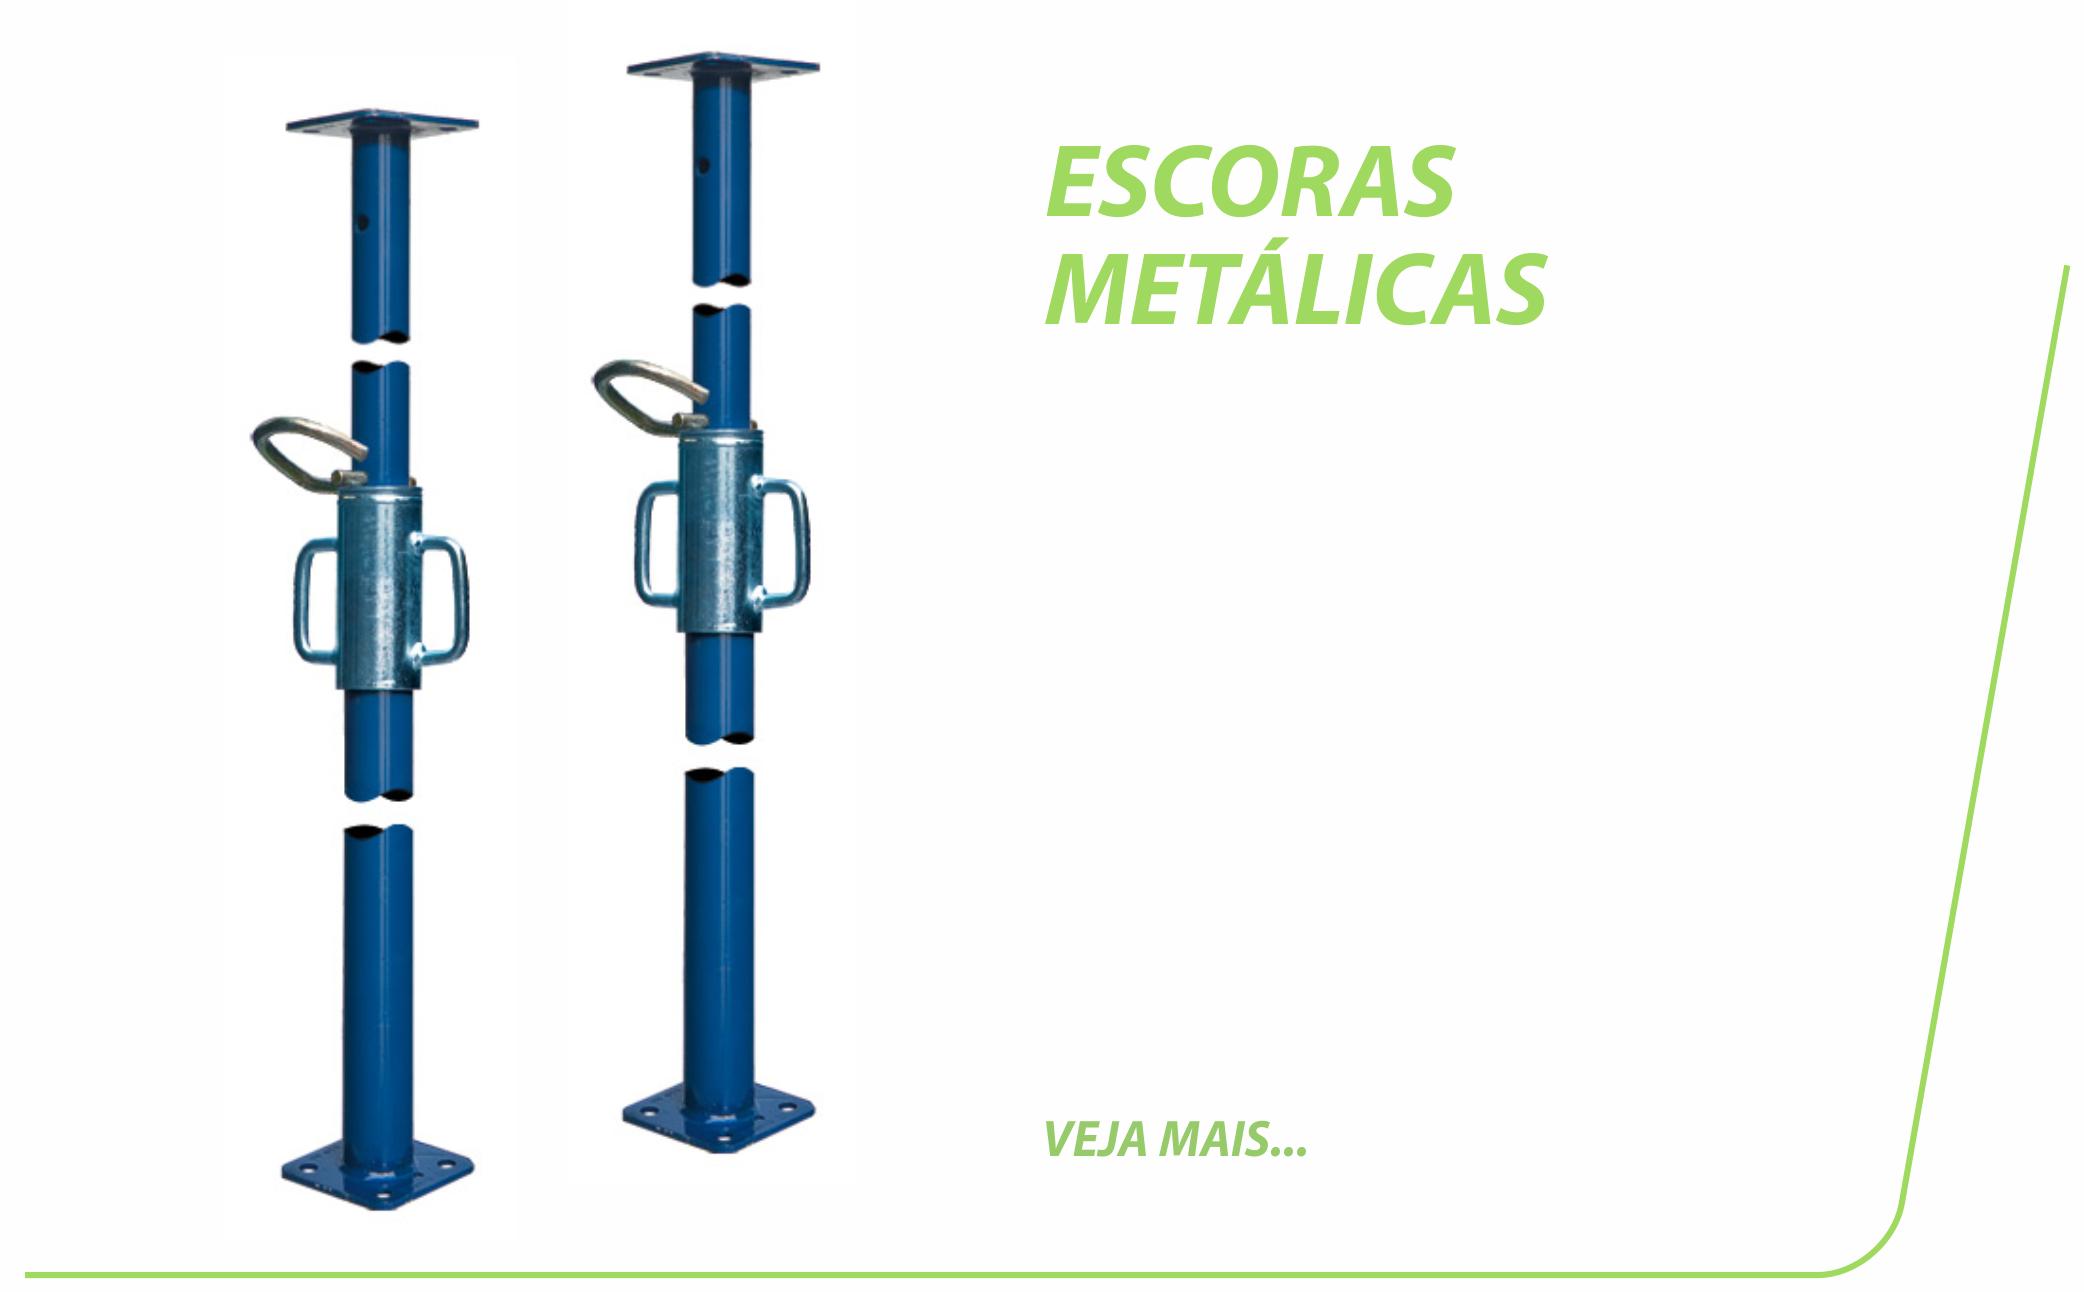 Escoras Metálicas